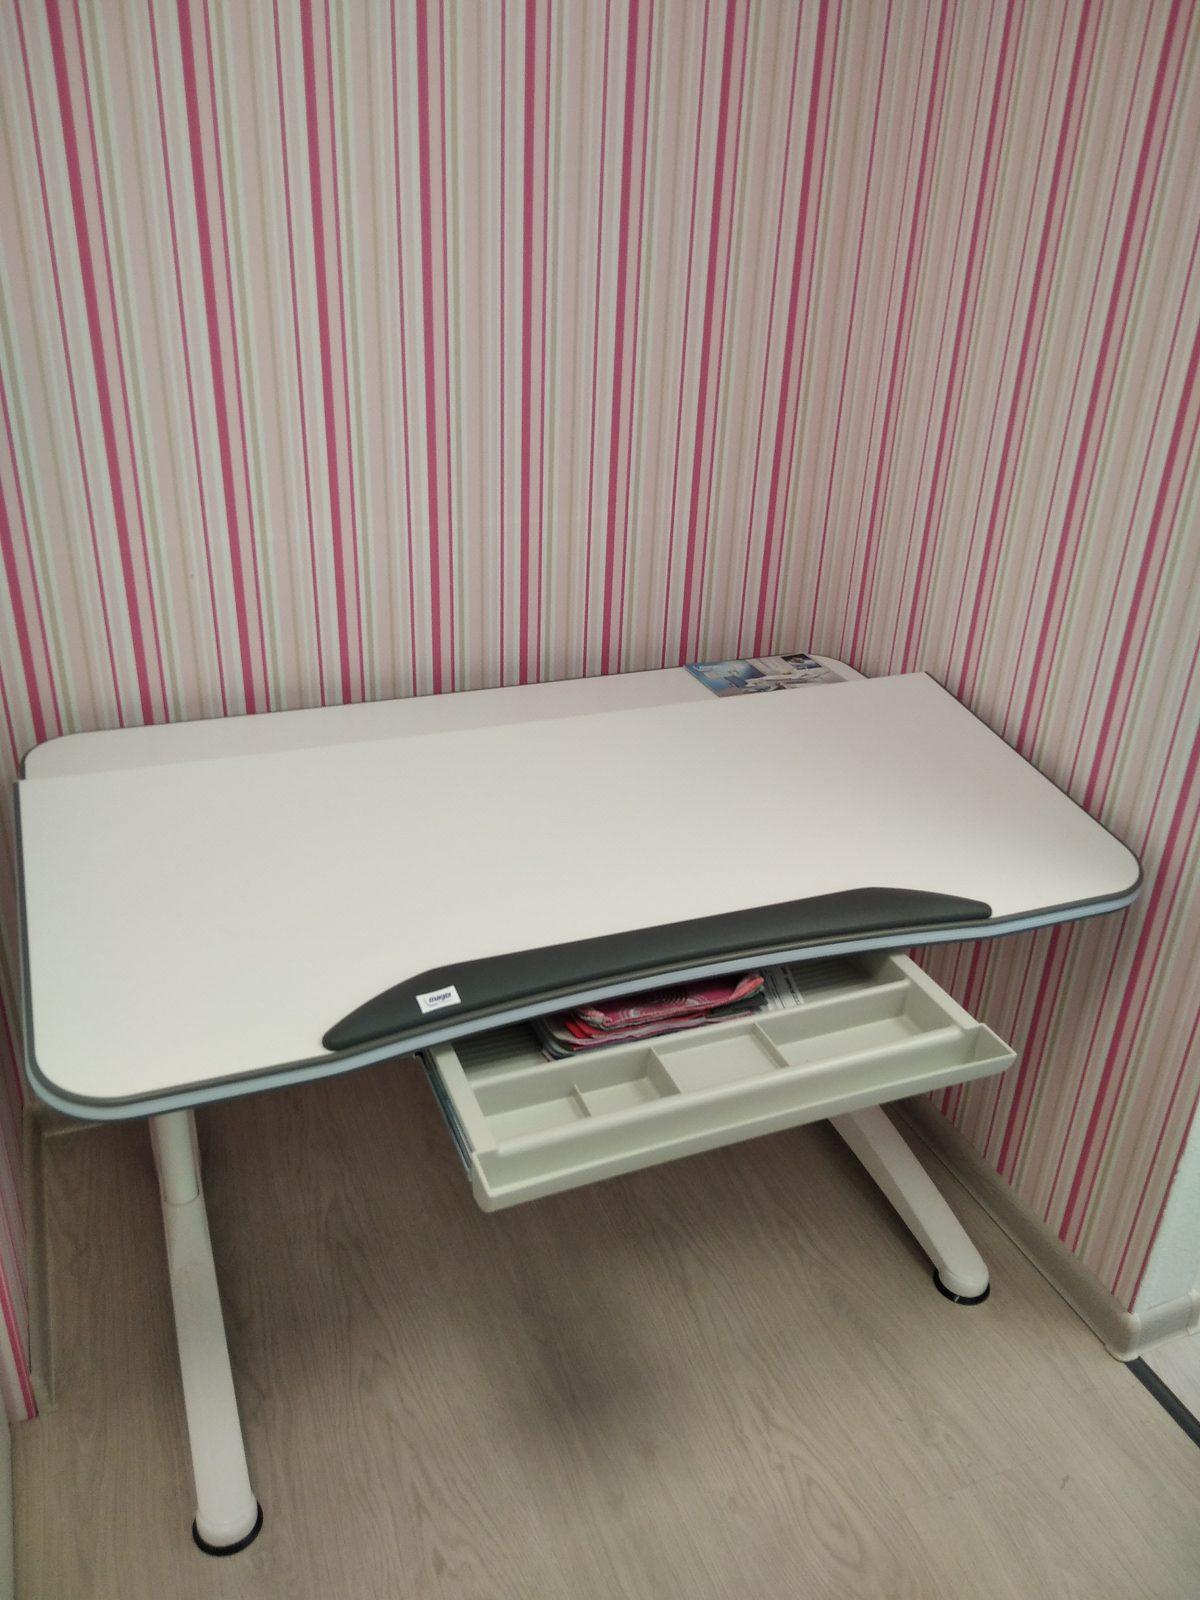 IMG 20210517 130207 1 scaled - Delso - dětský, kancelářský a bytový nábytek